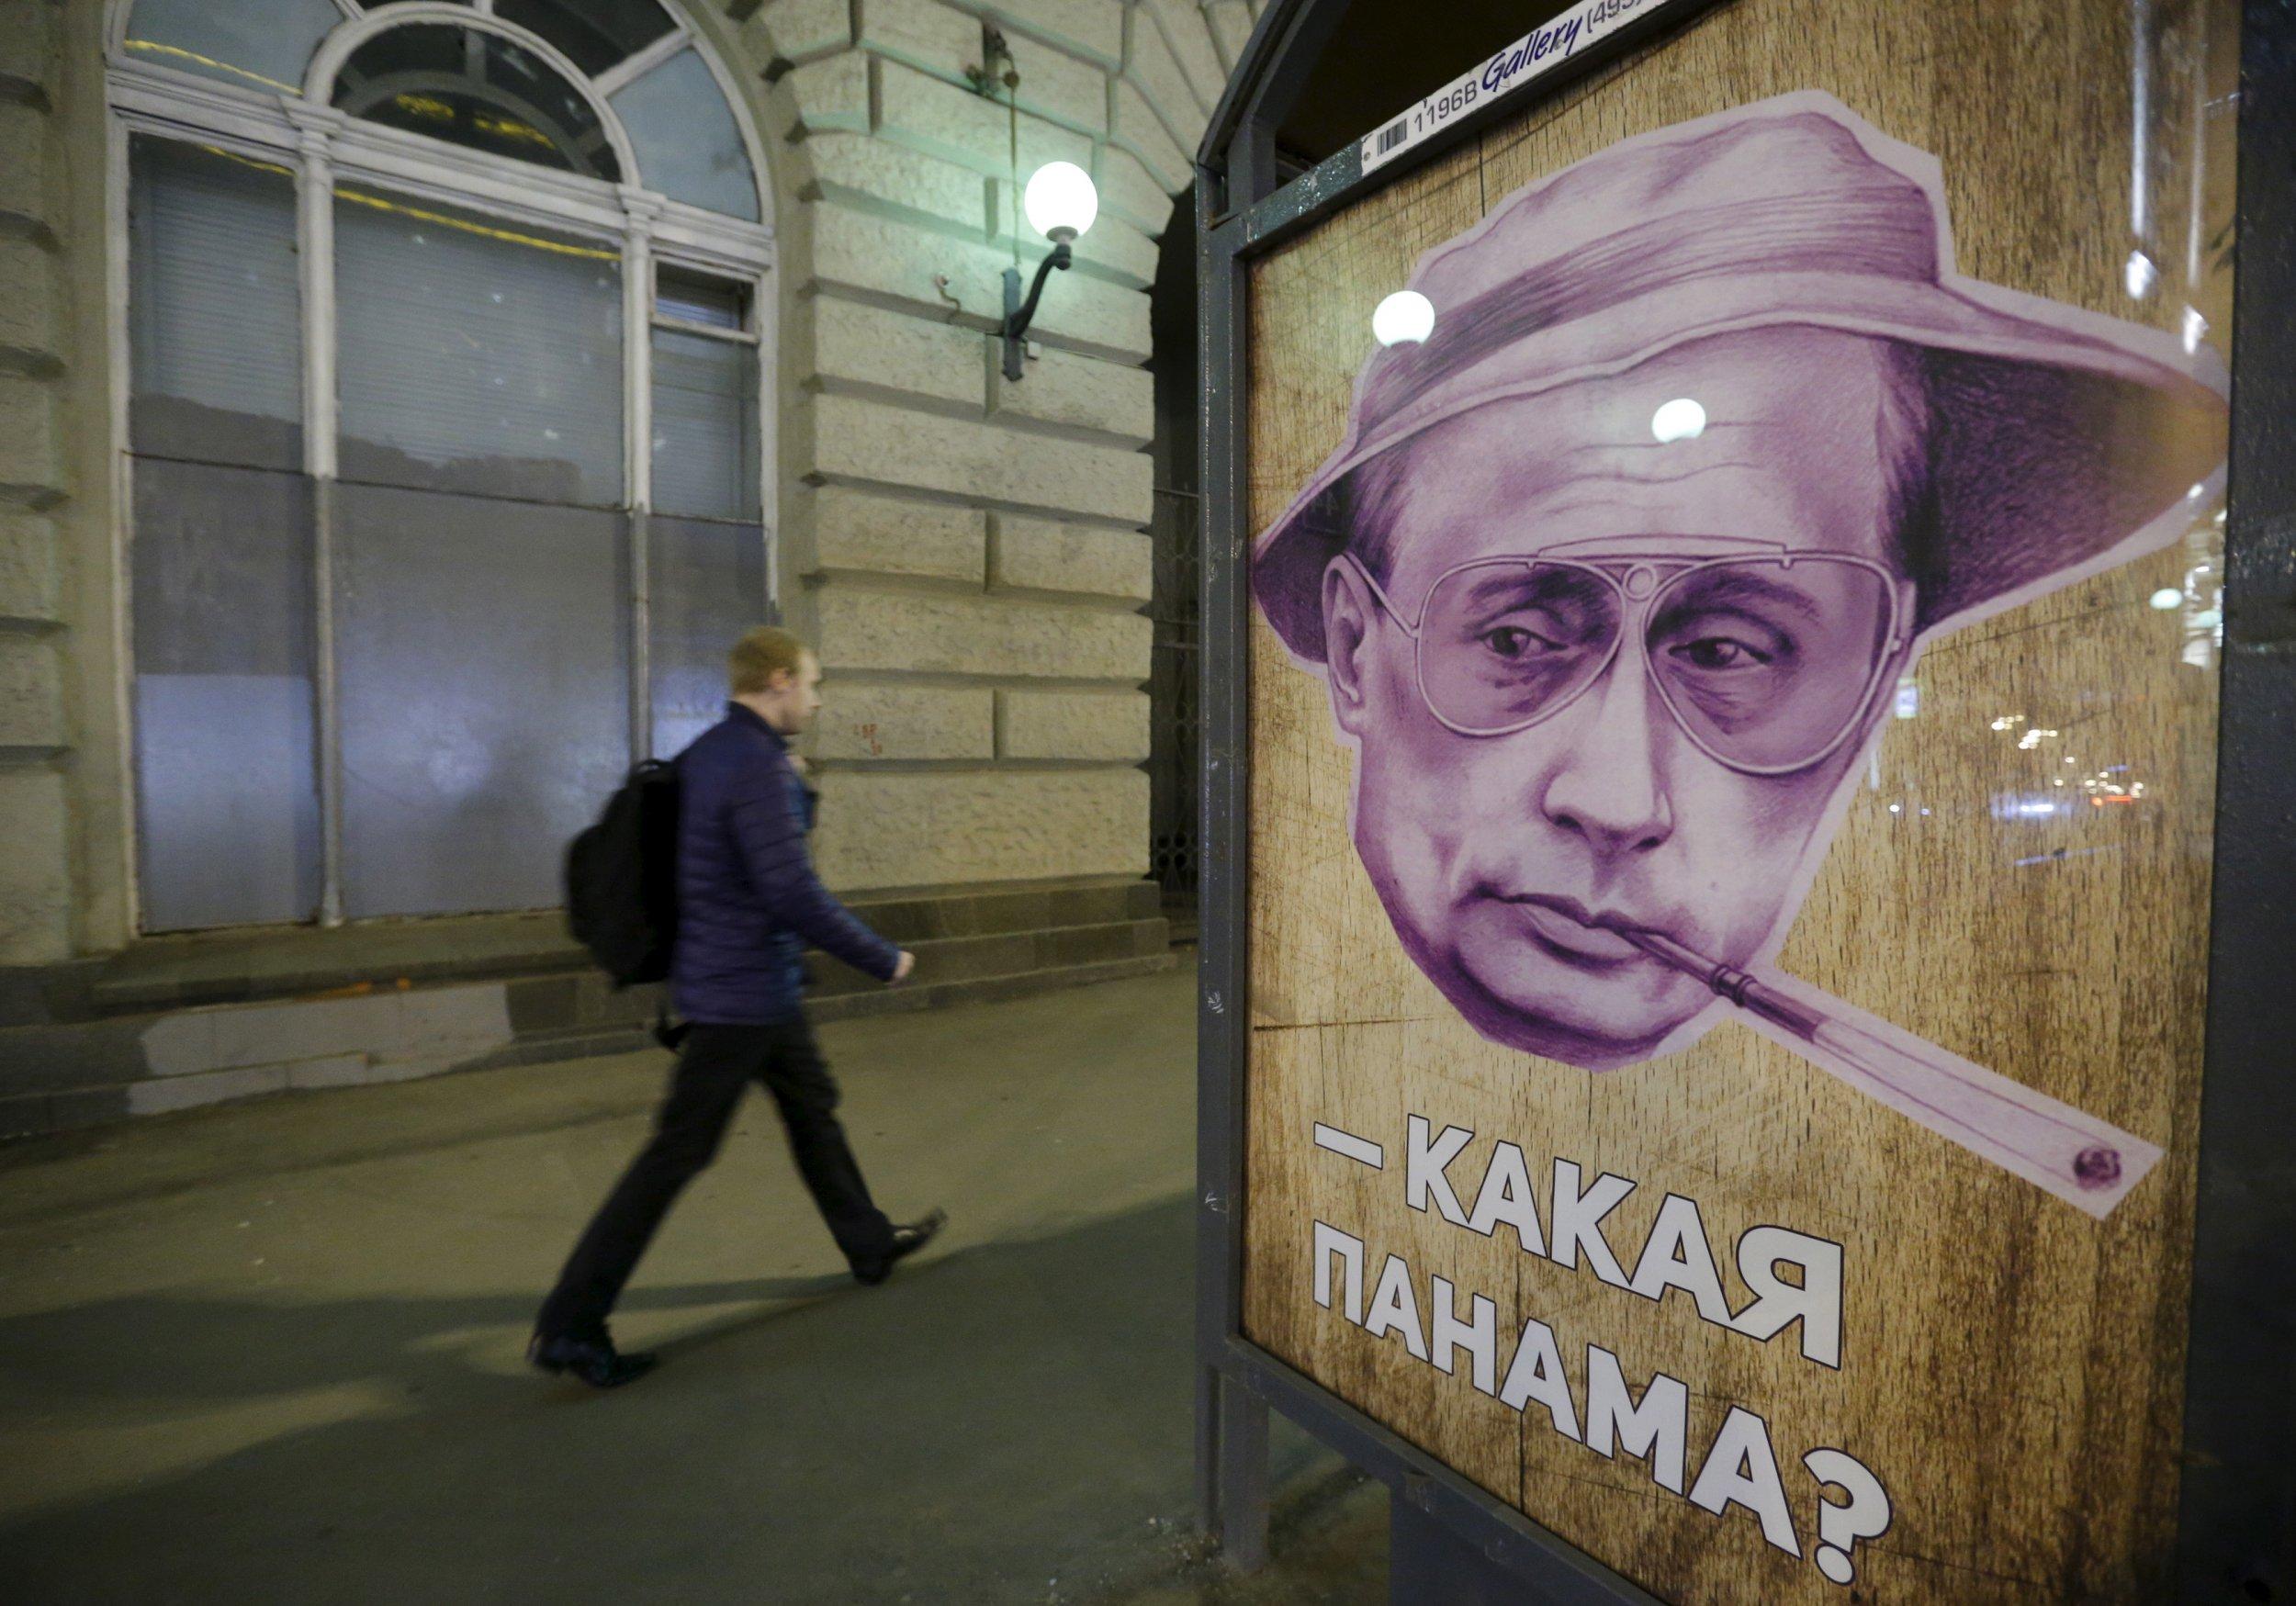 vladimir putin and corruption in russia essay